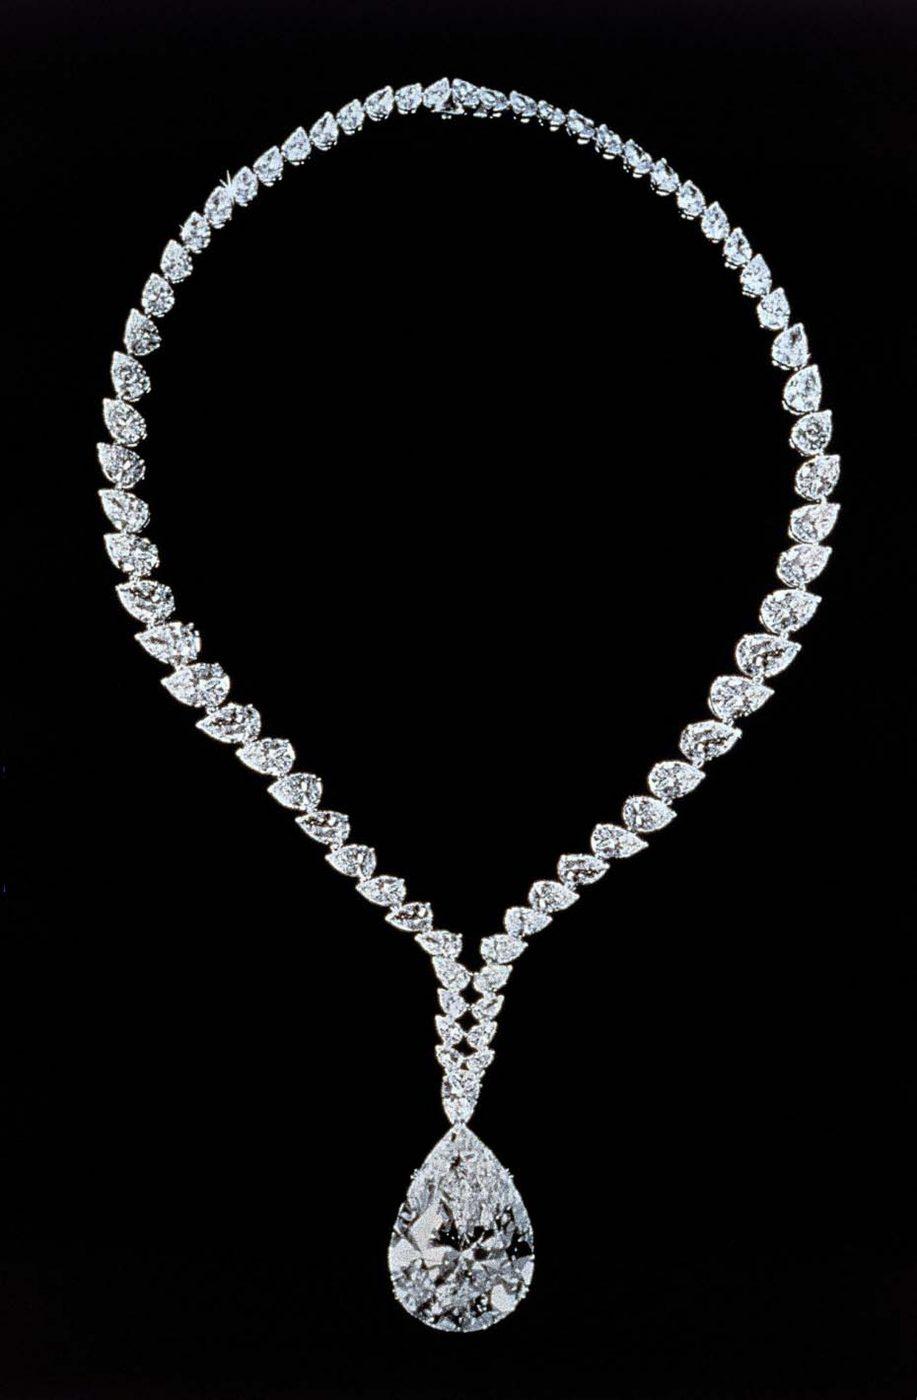 Image of the Taylor-Burton Diamond